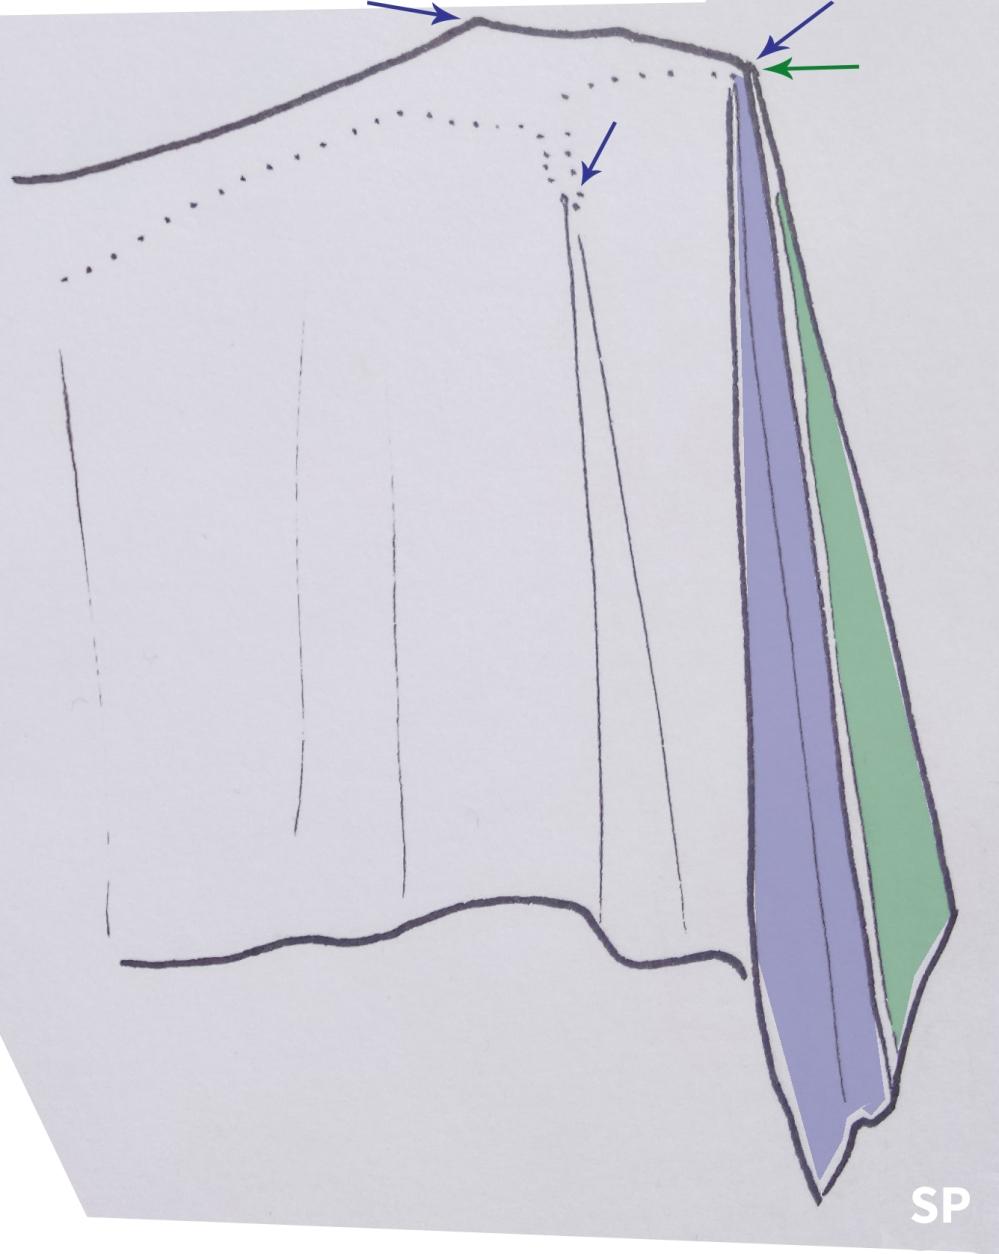 cloth sp